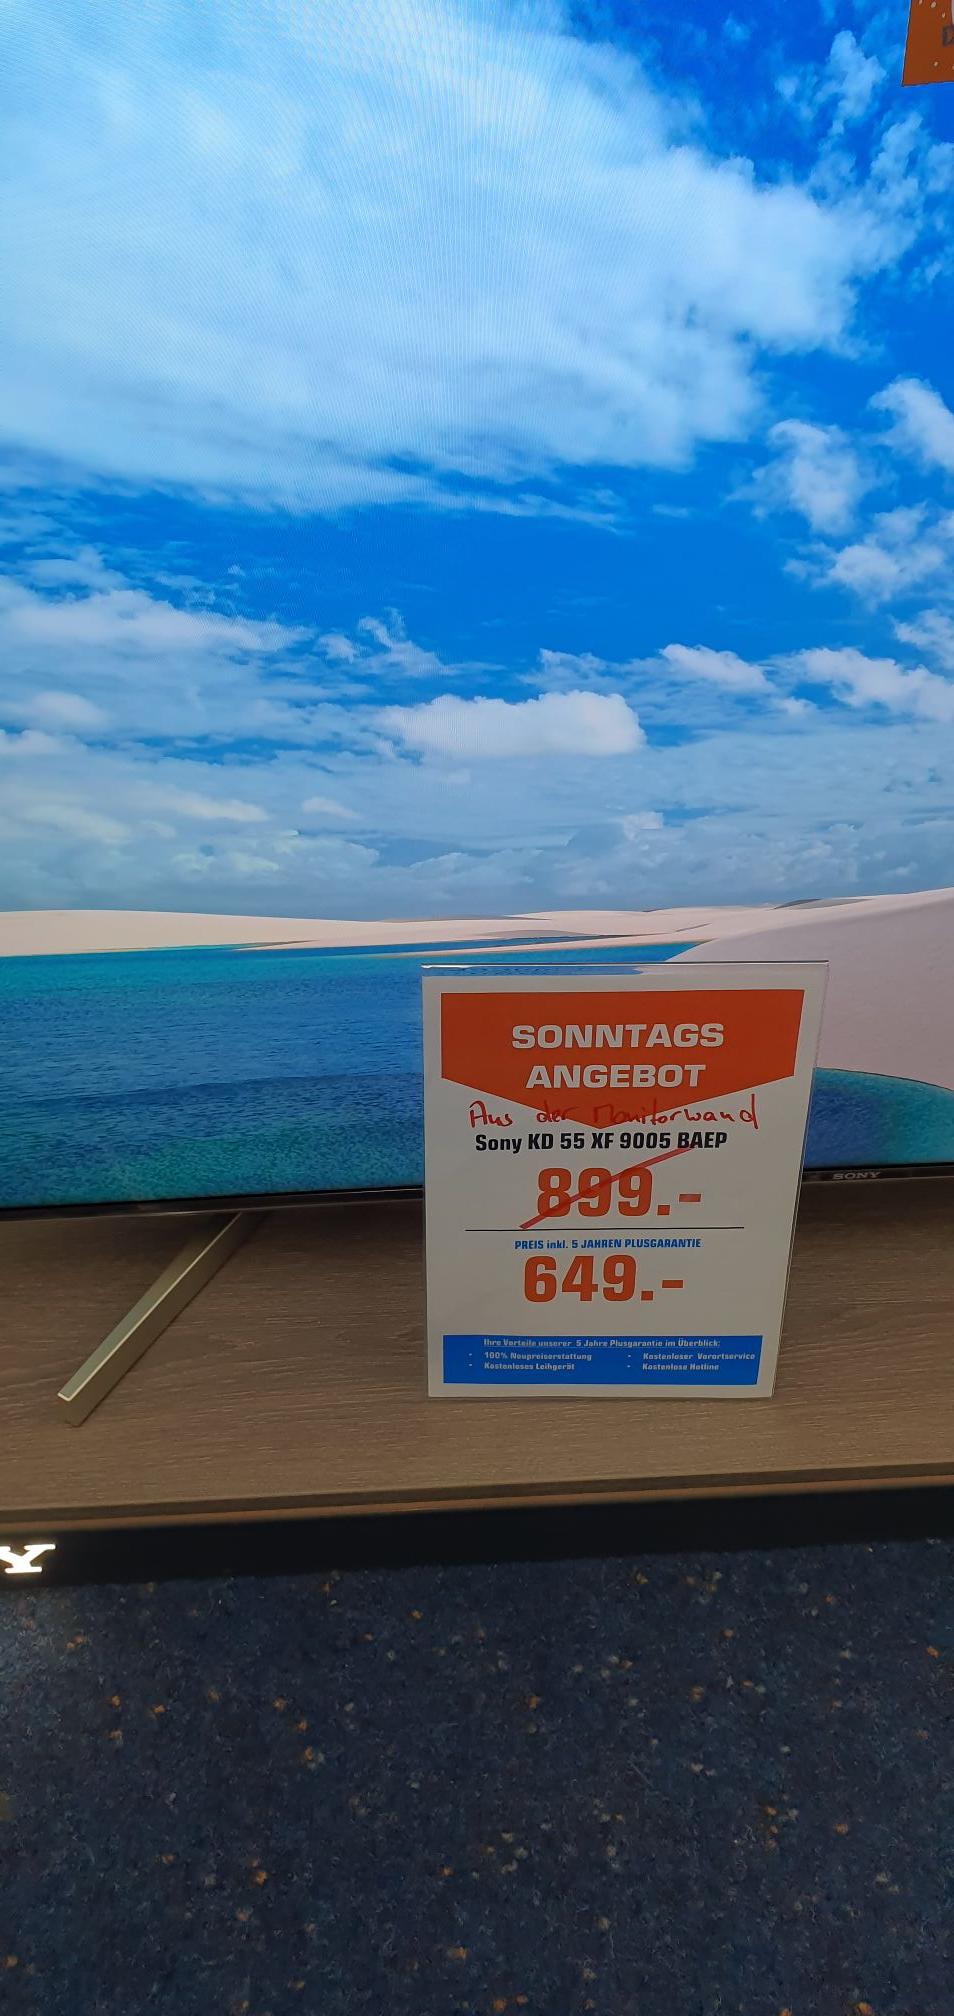 Saturn Oberhausen verkaufsoffenen Sonntag Sony kd 55 xf 9005 inklm 5 Jahre Garantie aus monitorwand Bestpreis nur regional